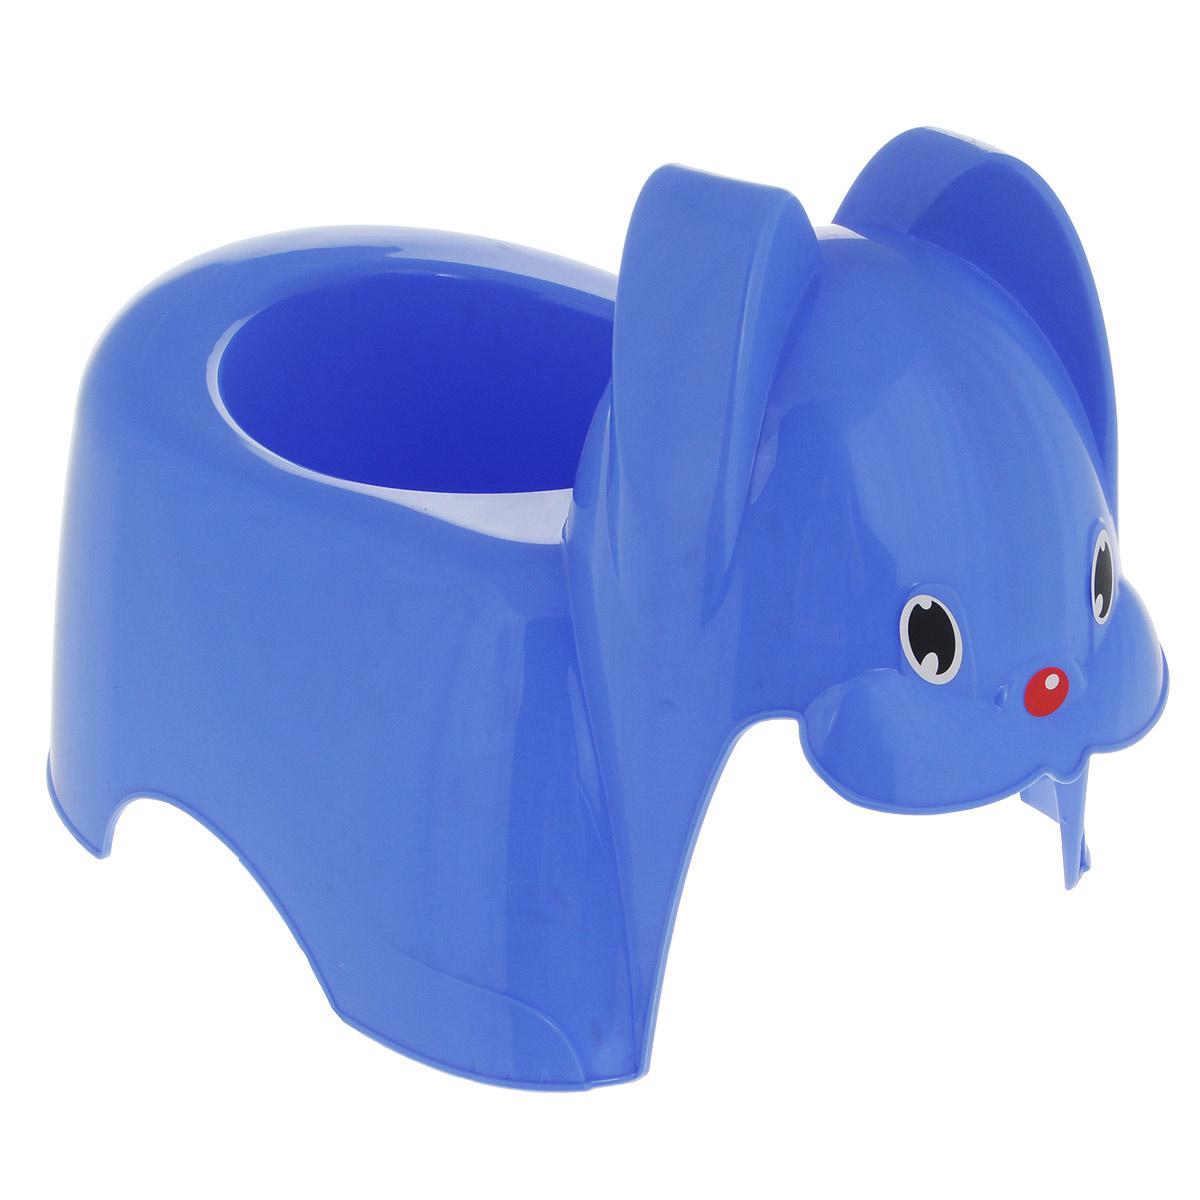 Горшок детский М-пластика  Зайка , цвет: сиреневый -  Горшки и адаптеры для унитаза